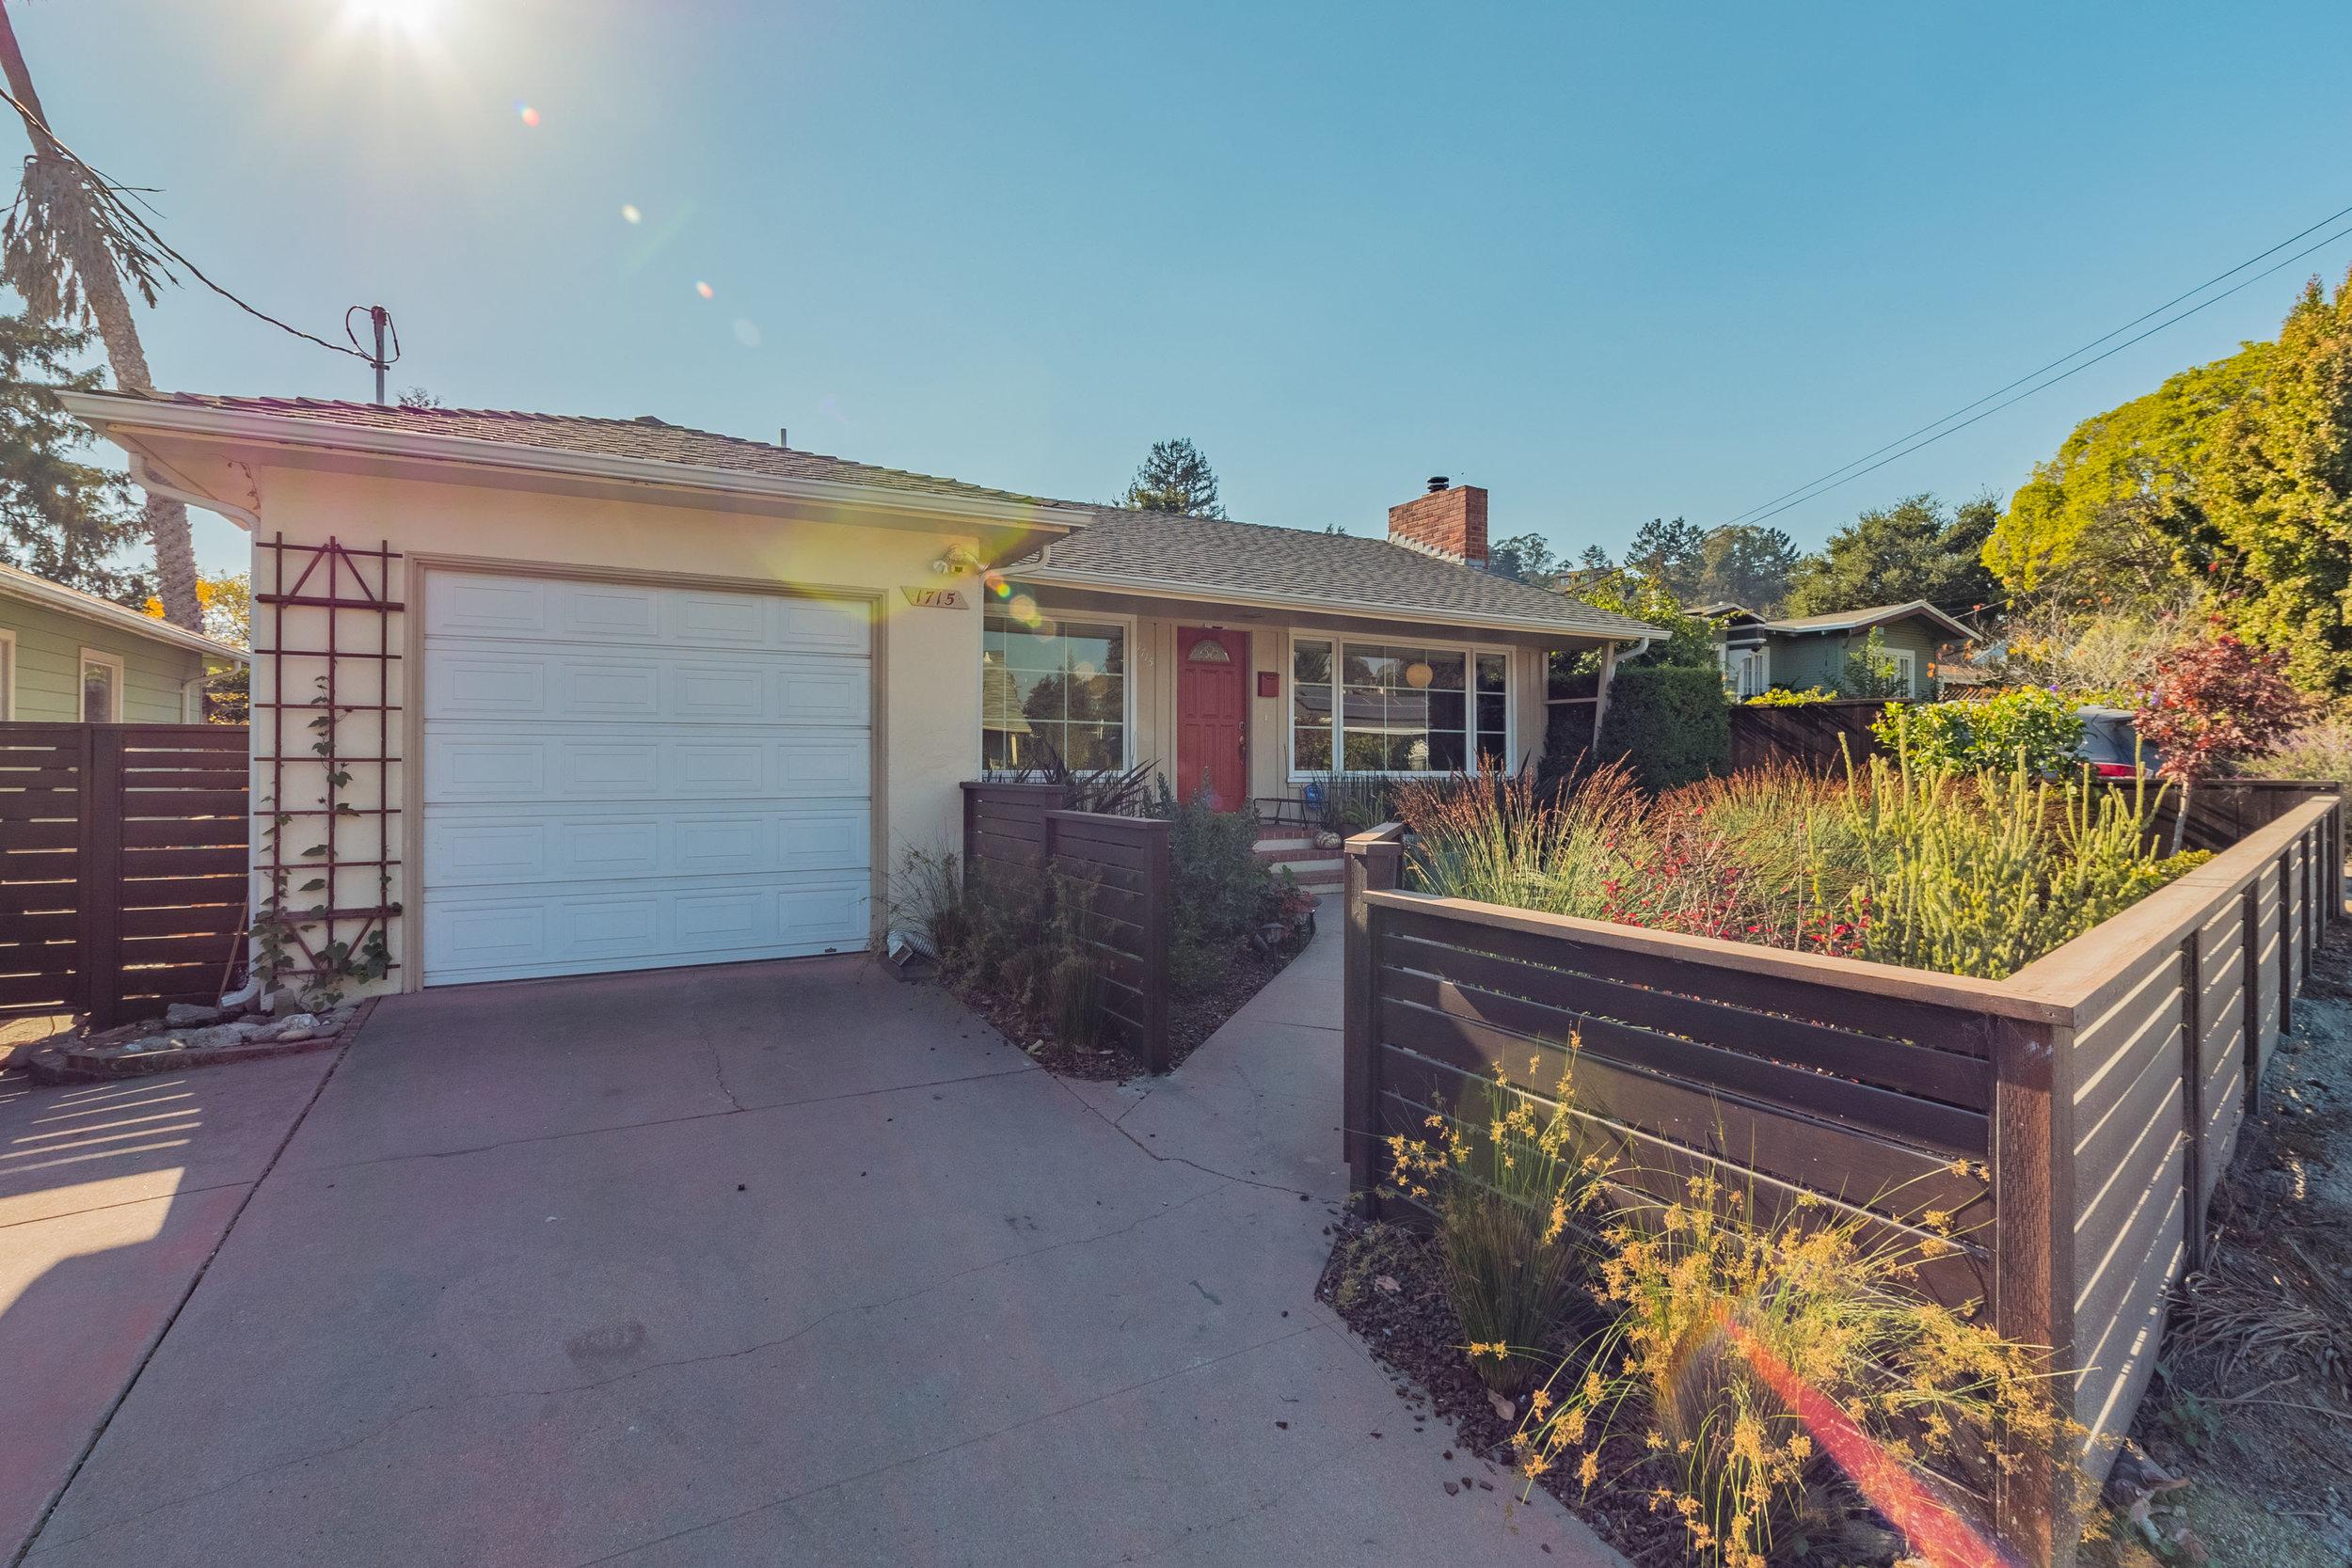 Home for Sale in Santa Cruz Real Estate Offices in Santa Cruz